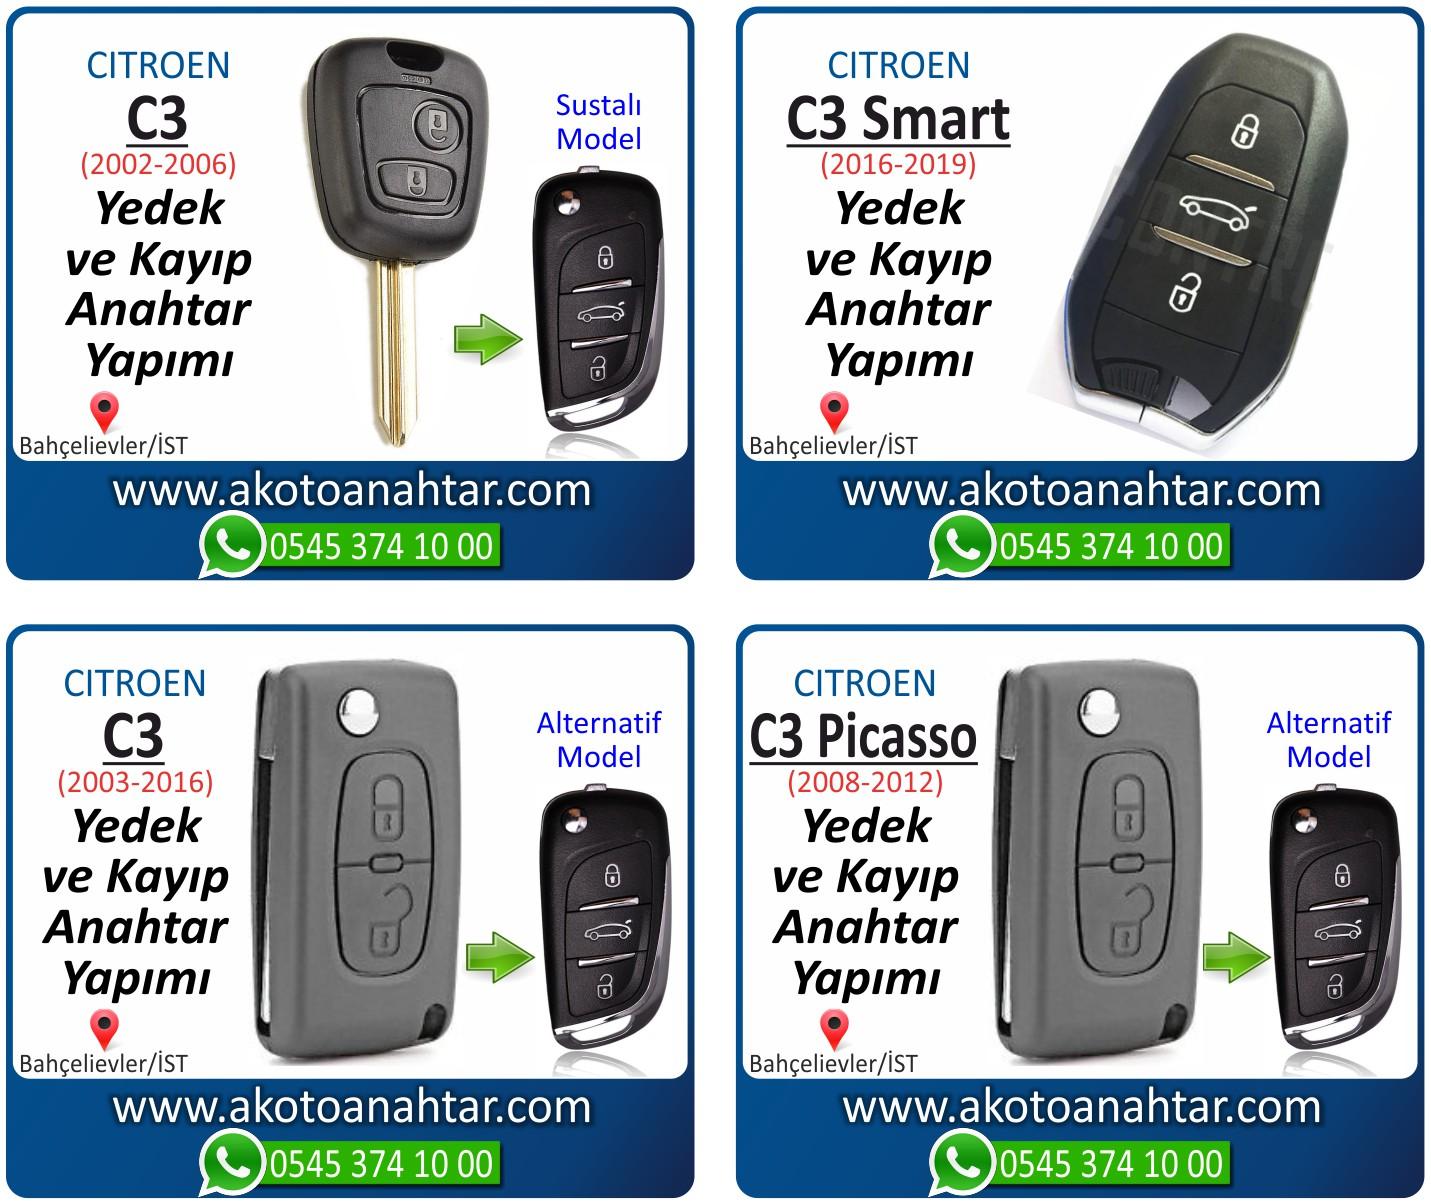 Citroen c3 c 3 anahtari - Citroen C3 Sustalı Anahtarı | Yedek ve Kayıp Anahtar Yapımı